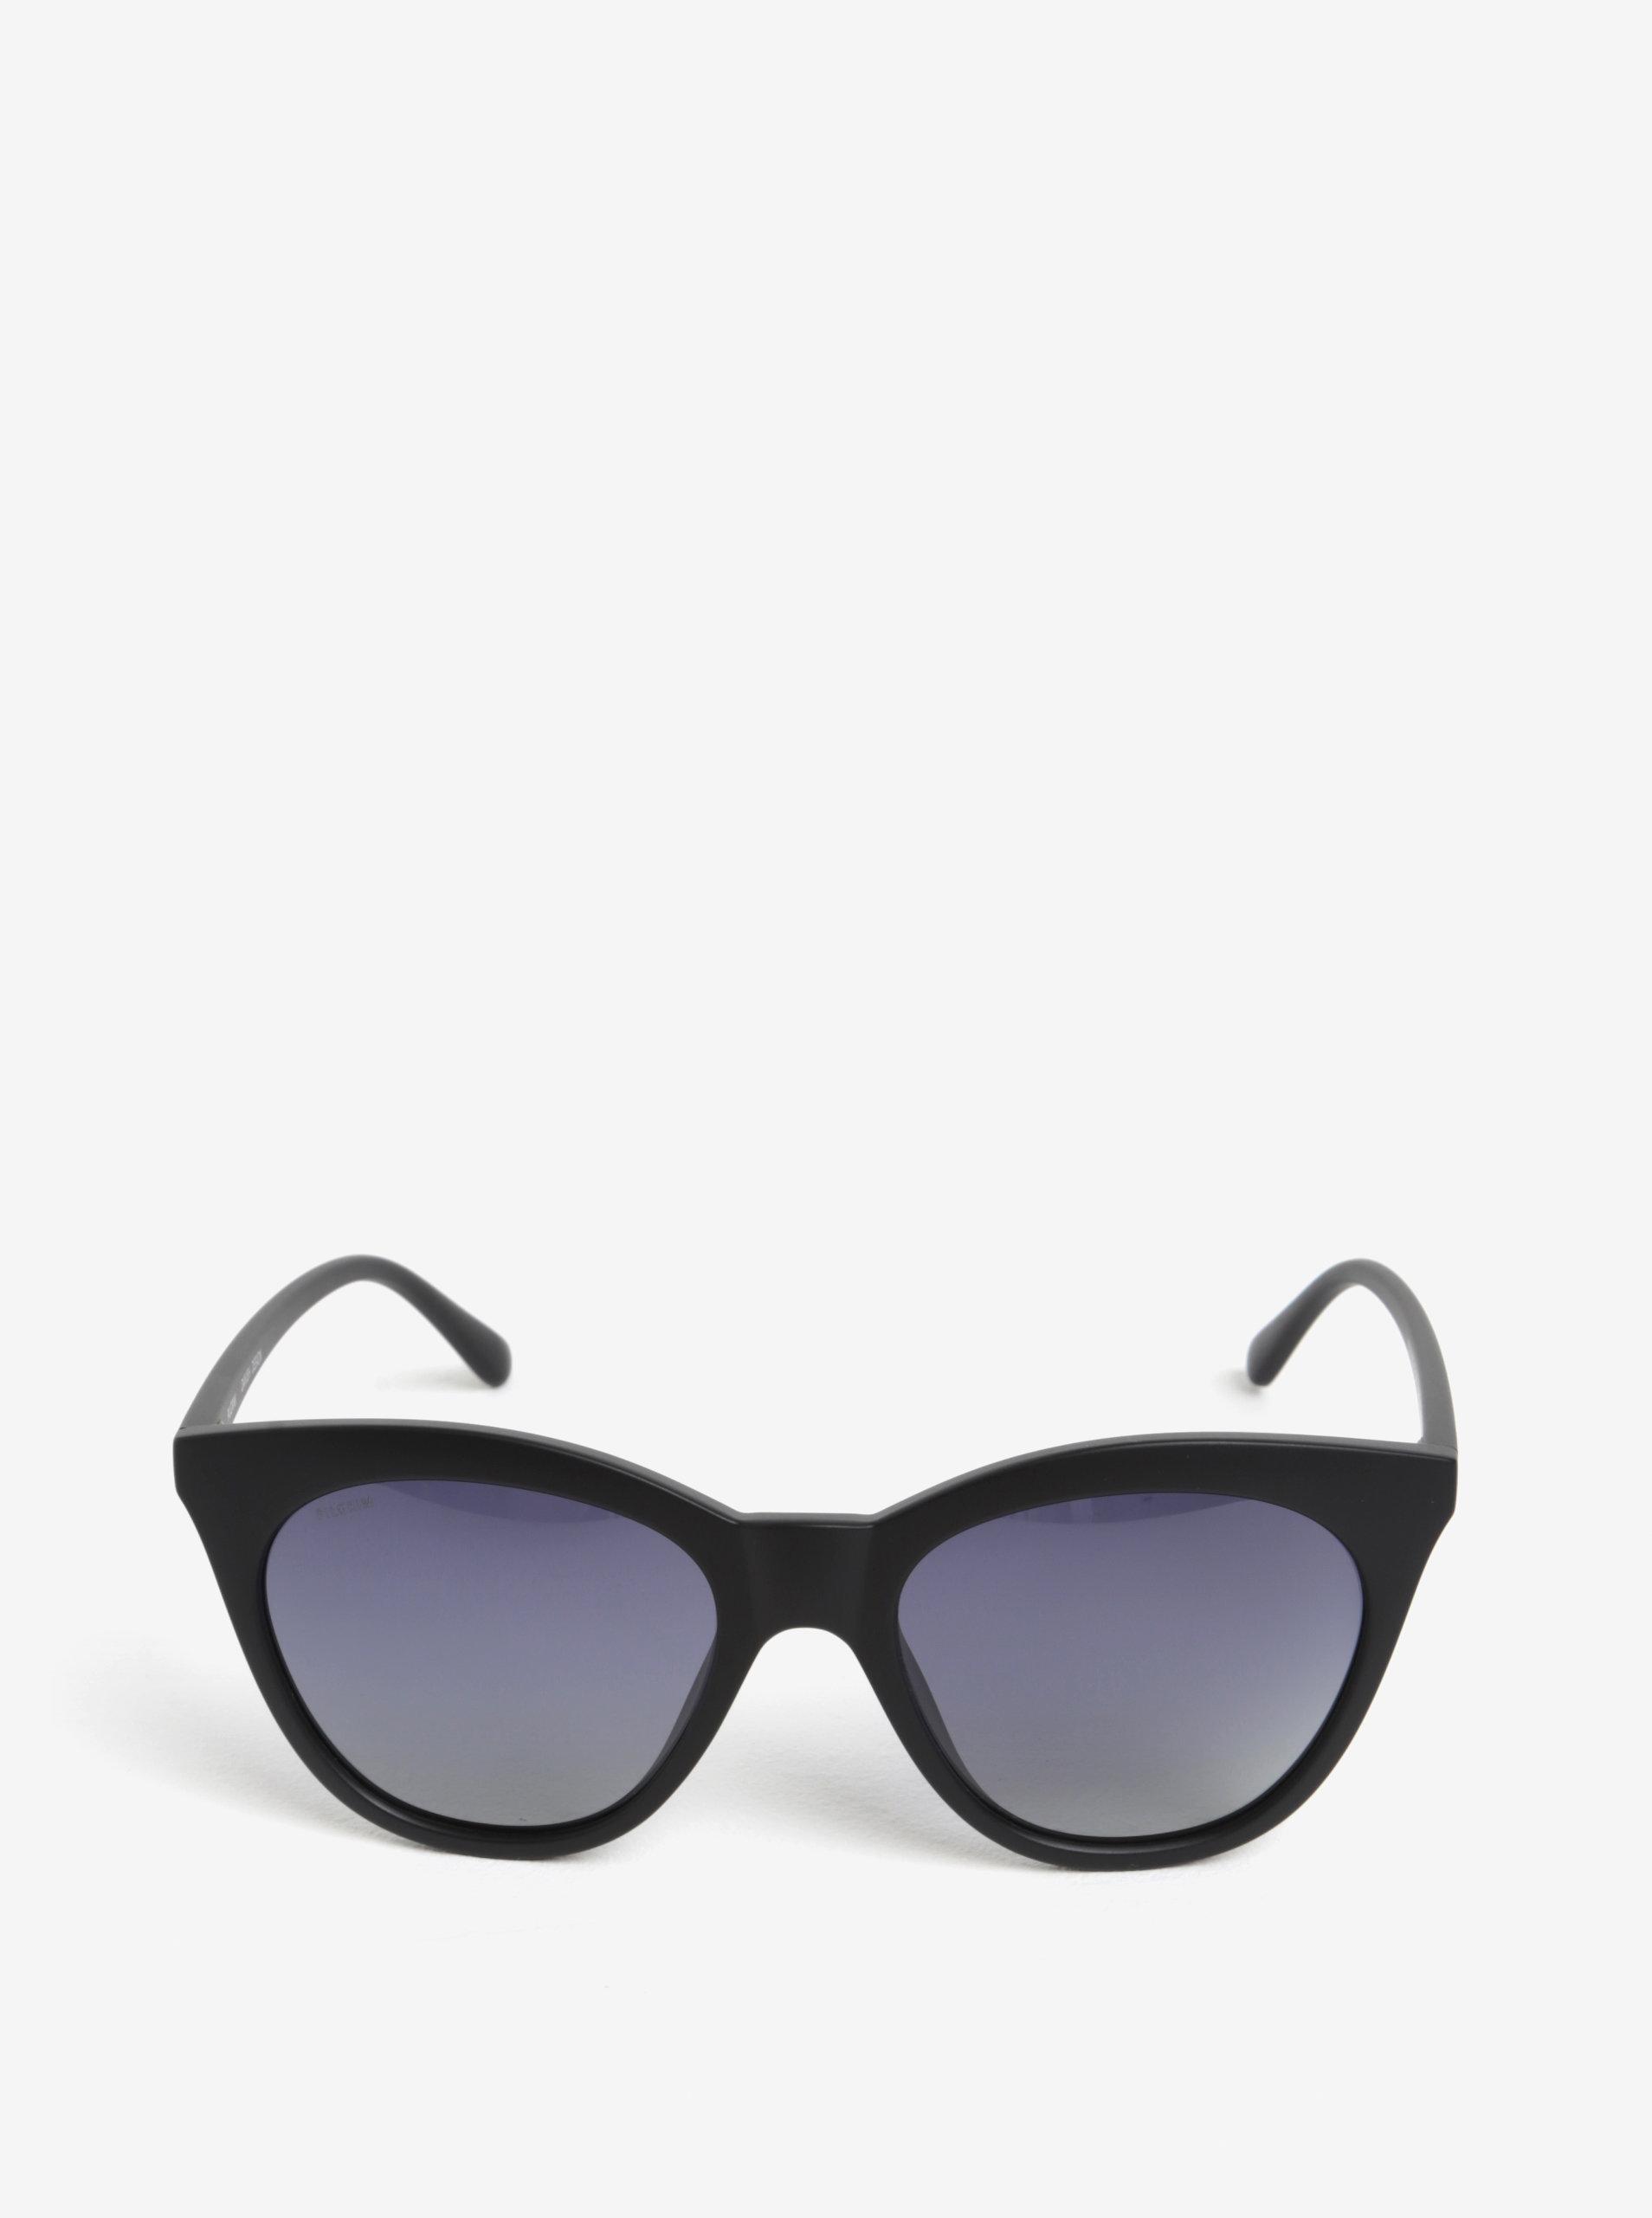 Čierne dámske slnečné okuliare Pilgrim Ivy ... 54c1065ac73